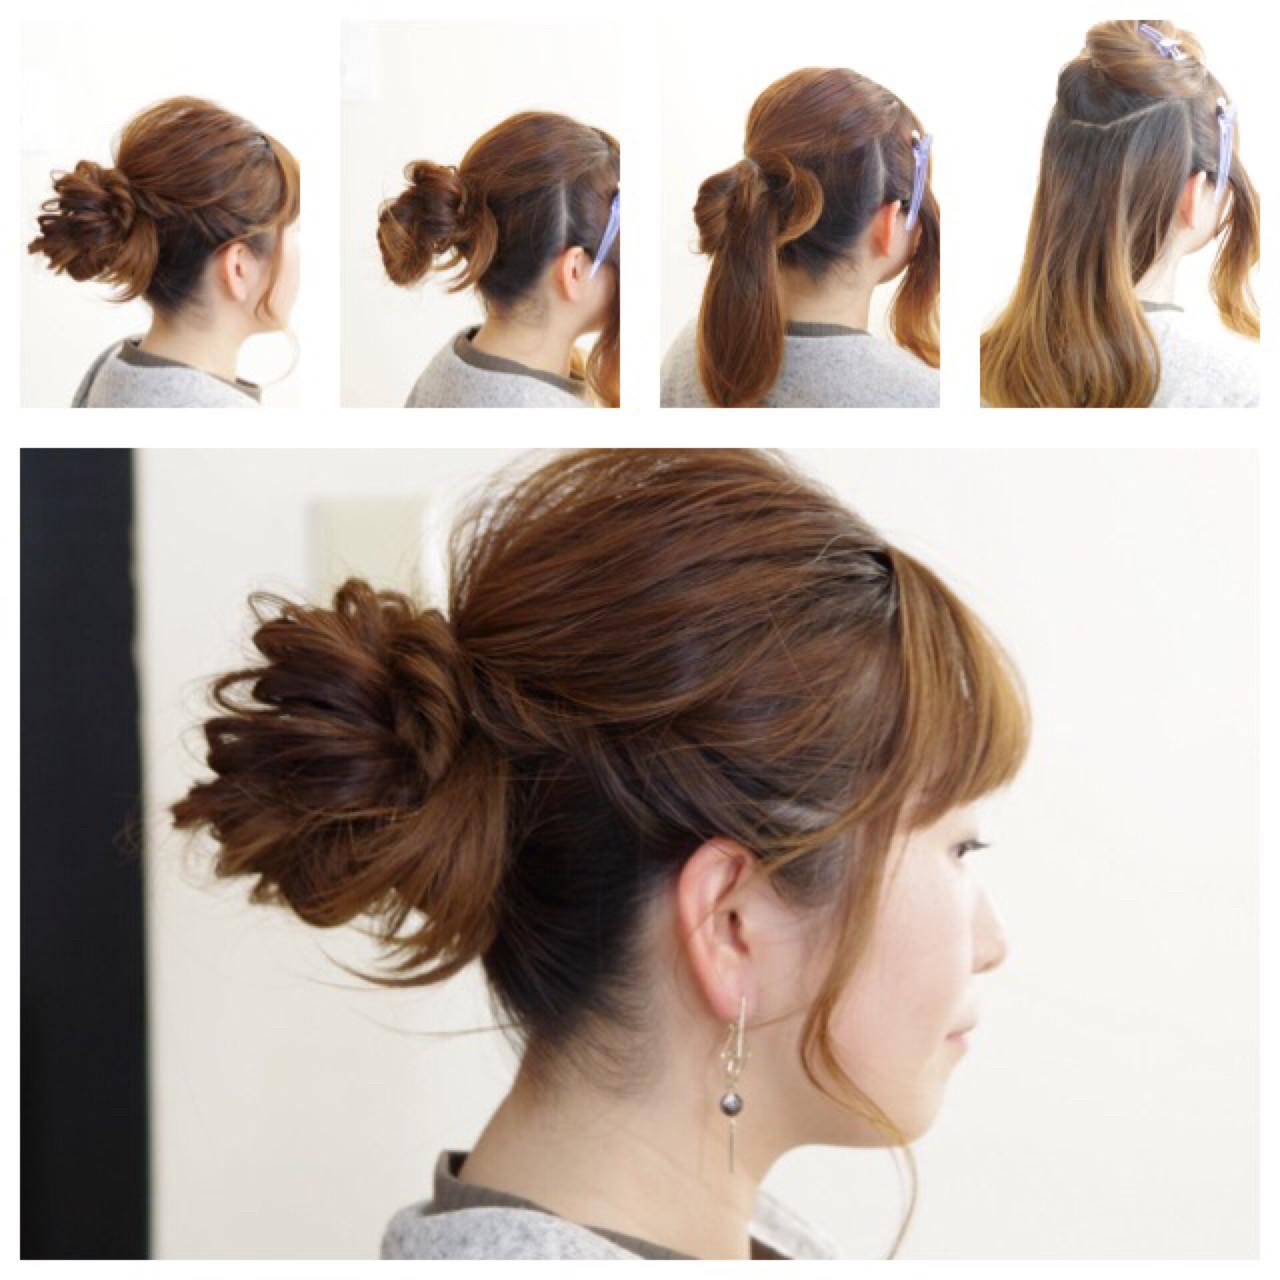 簡単ヘアアレンジ フェミニン ショート アンニュイ ヘアスタイルや髪型の写真・画像